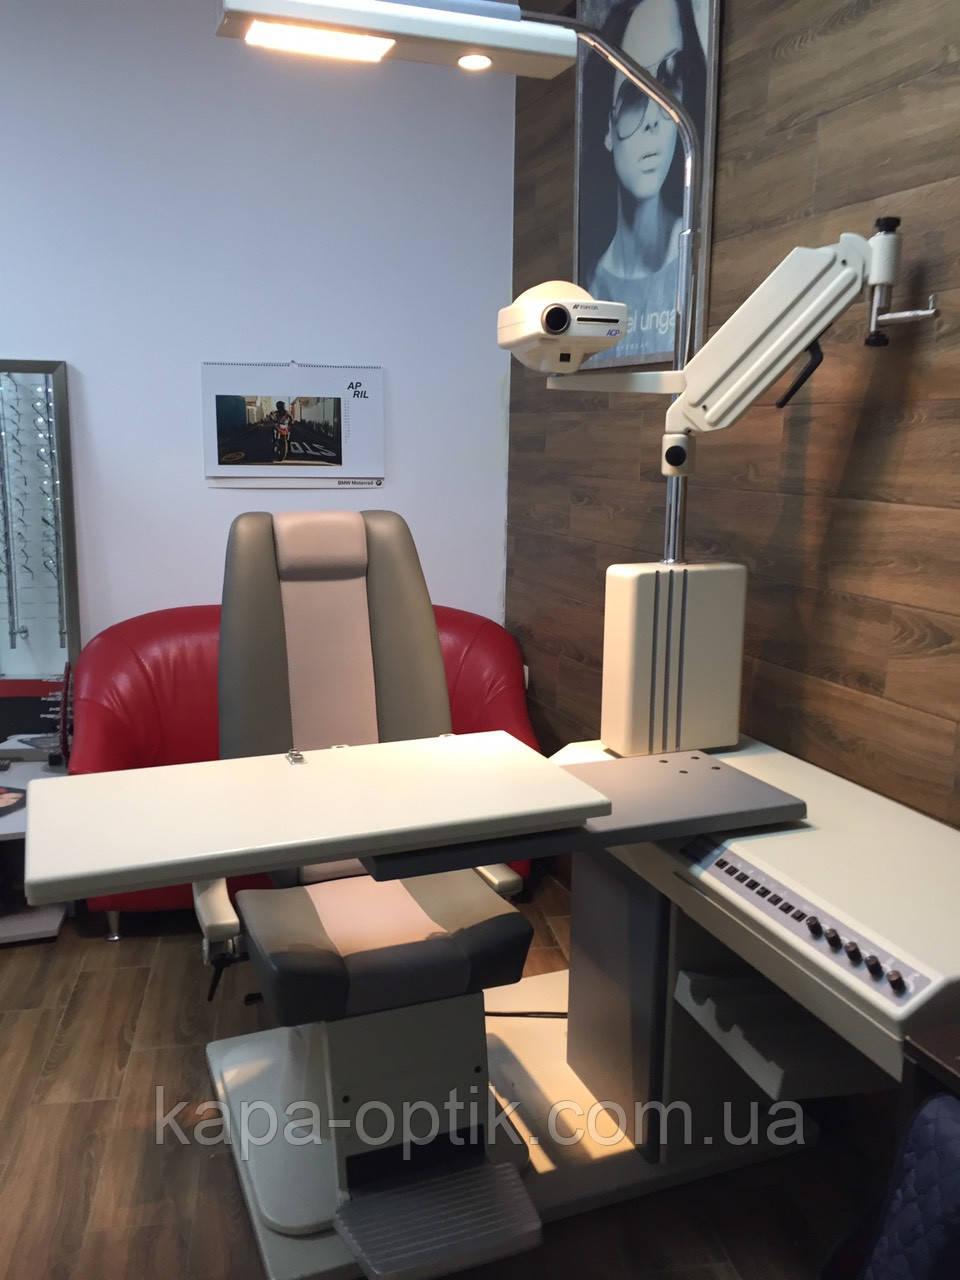 Кабинет врача-офтальмолога TOPCON OU-3000